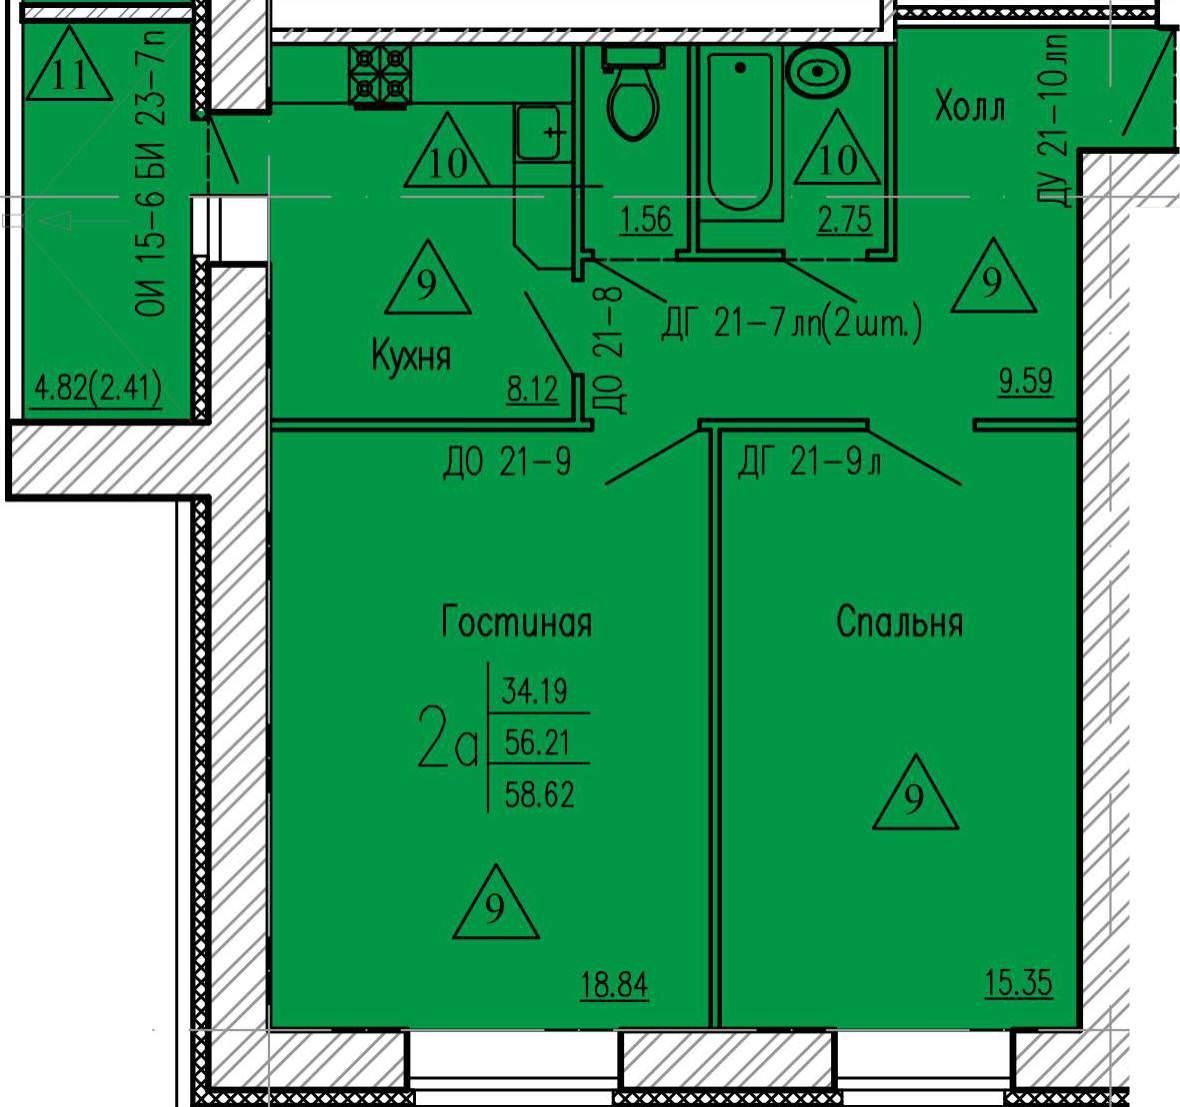 2-комнатная квартира 58.62 м² с просторными комнатами